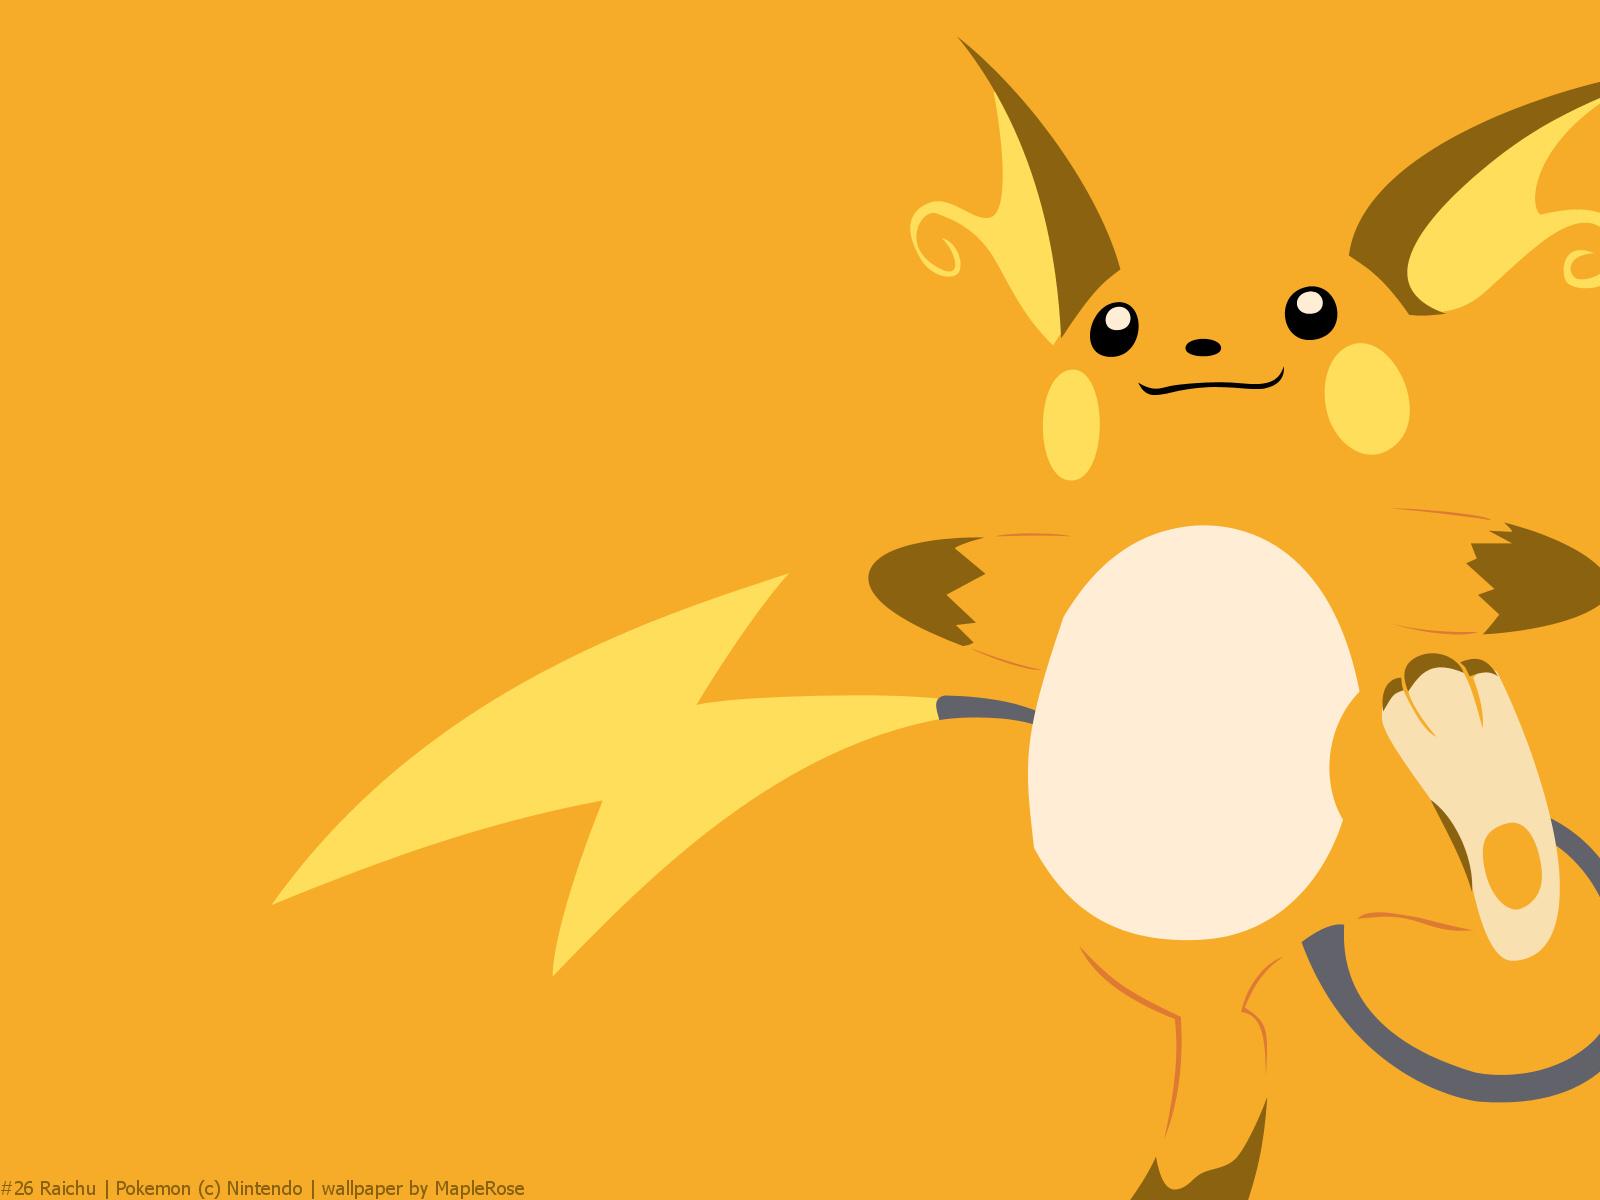 Pokemon Heracross Wallpaper